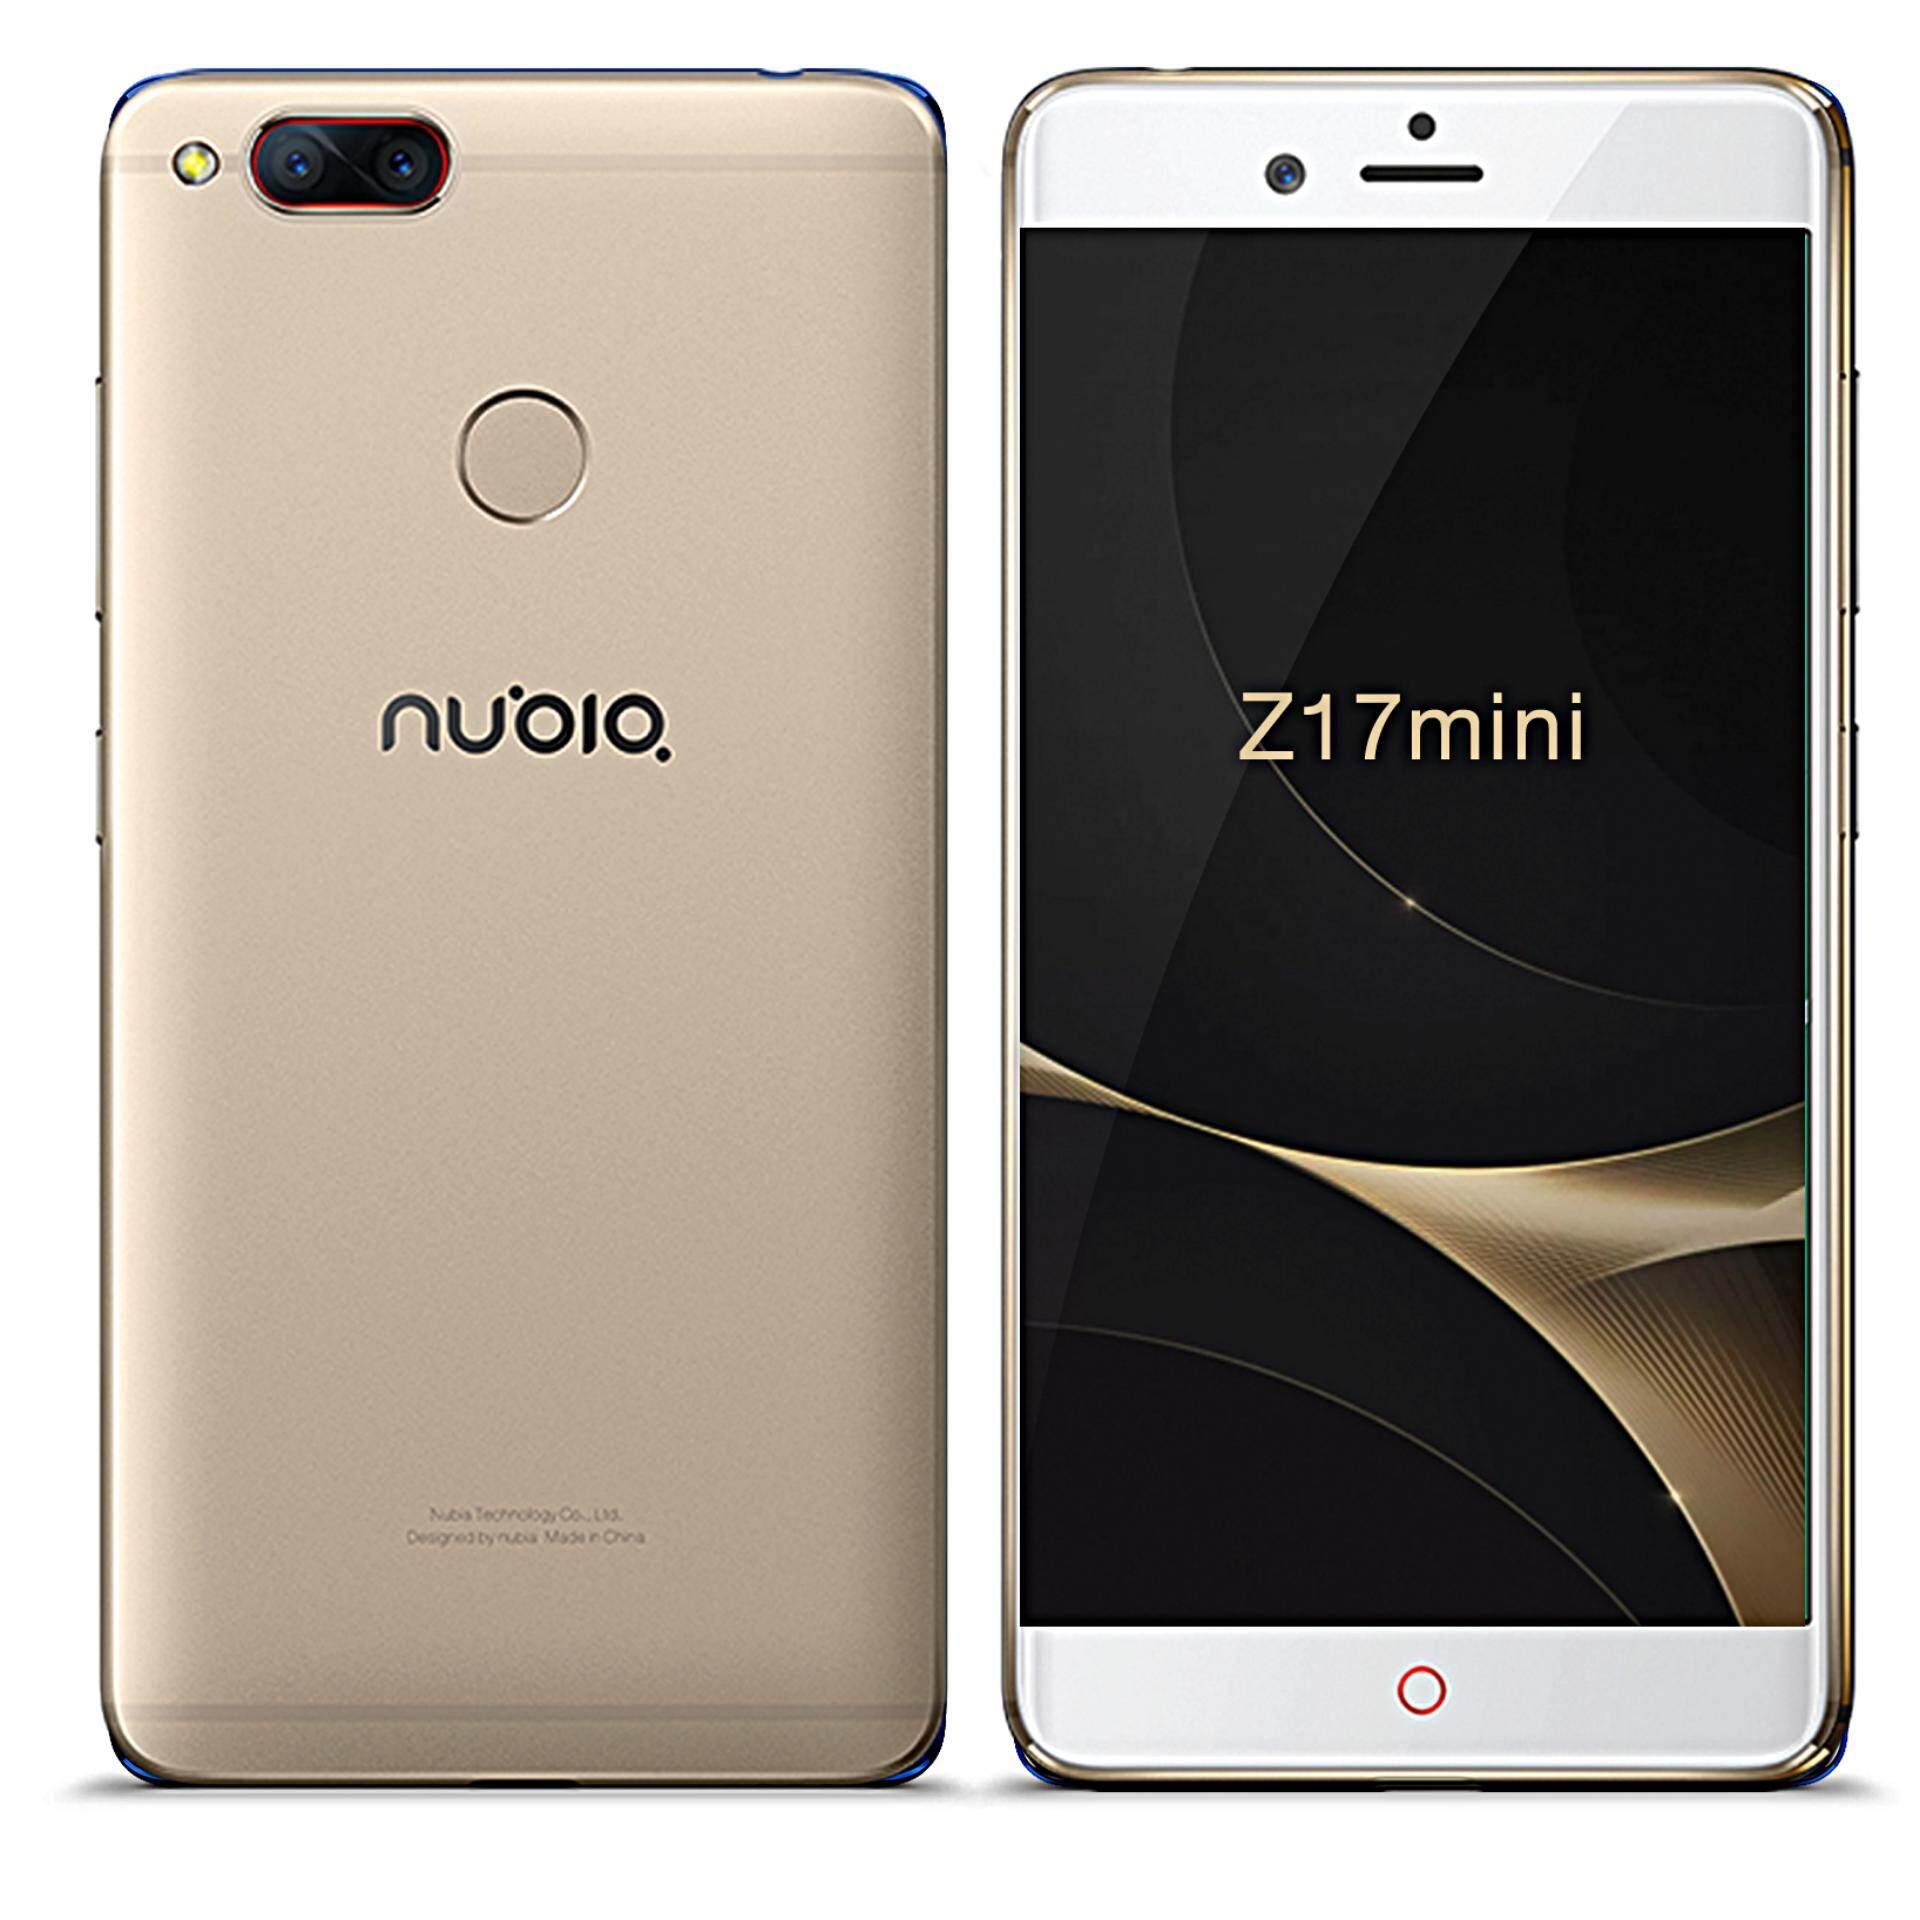 นูเบีย-Z17mini สีทอง | แรม4/รอม64 | กล้องหลังคู่ 26ล้าน **ผ่อนเพียง 799บาท/เดือน